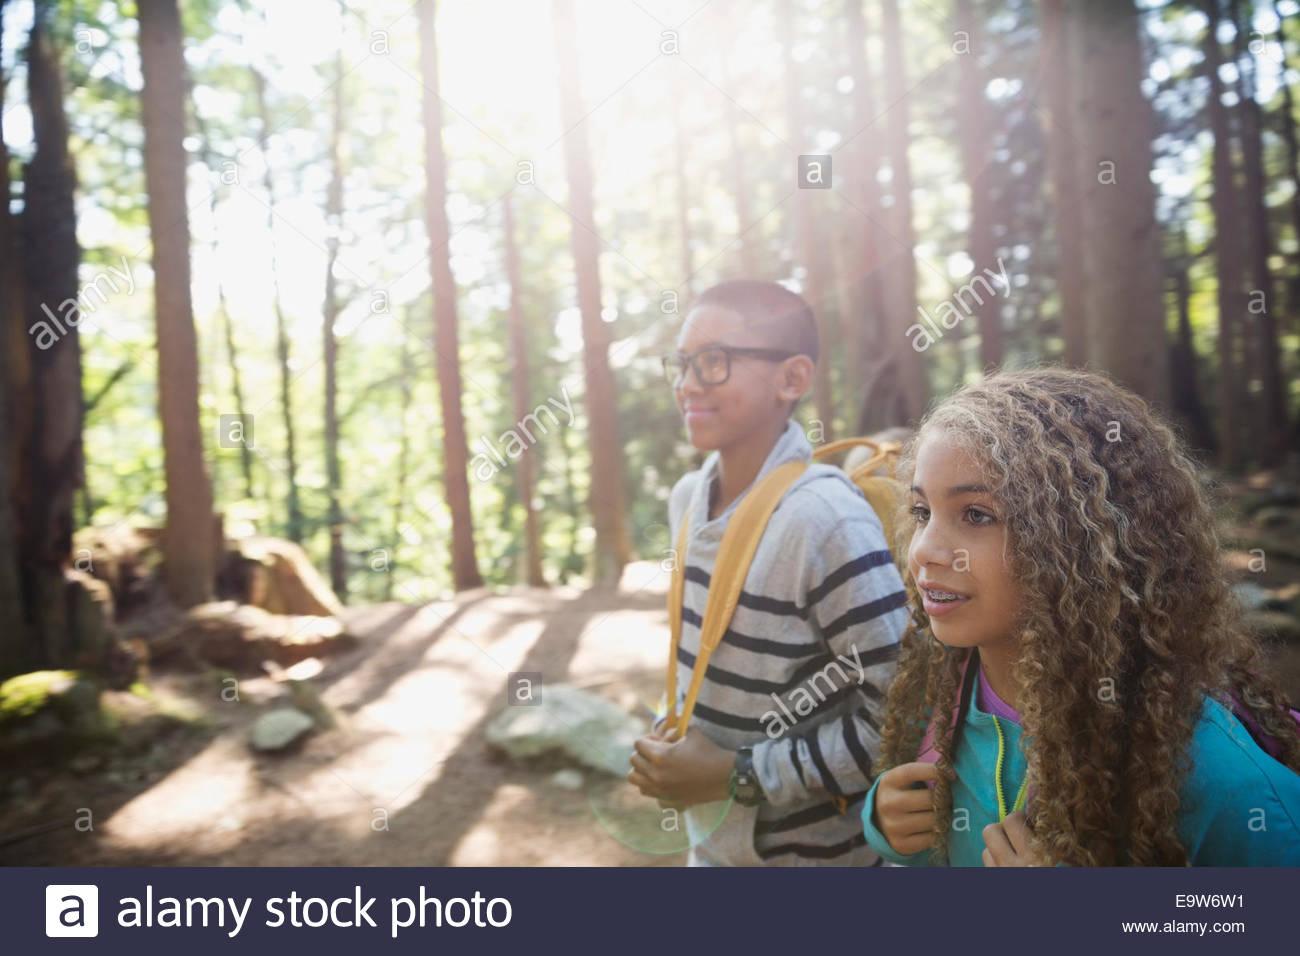 Un ragazzo e una ragazza escursionismo nella soleggiata boschi Immagini Stock